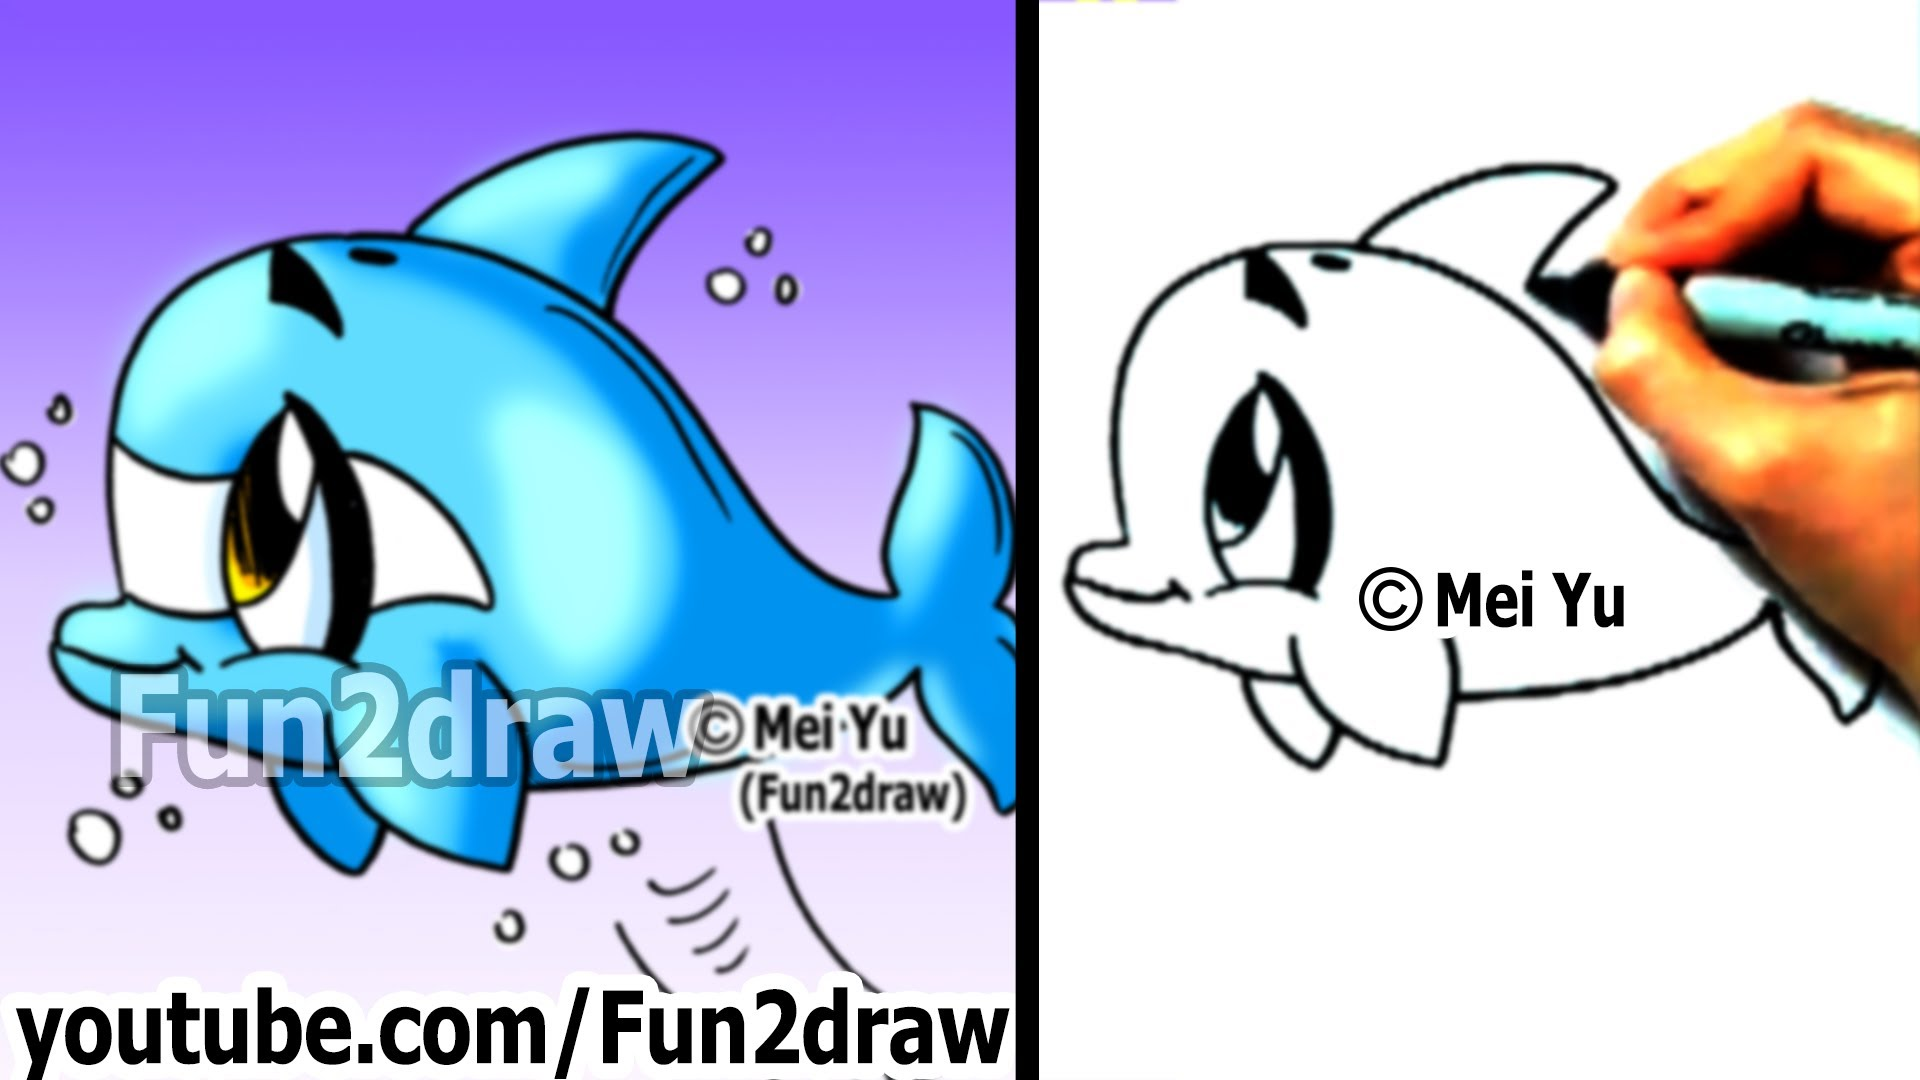 Drawn sea turtle fun2draw Dolphin in to in 2